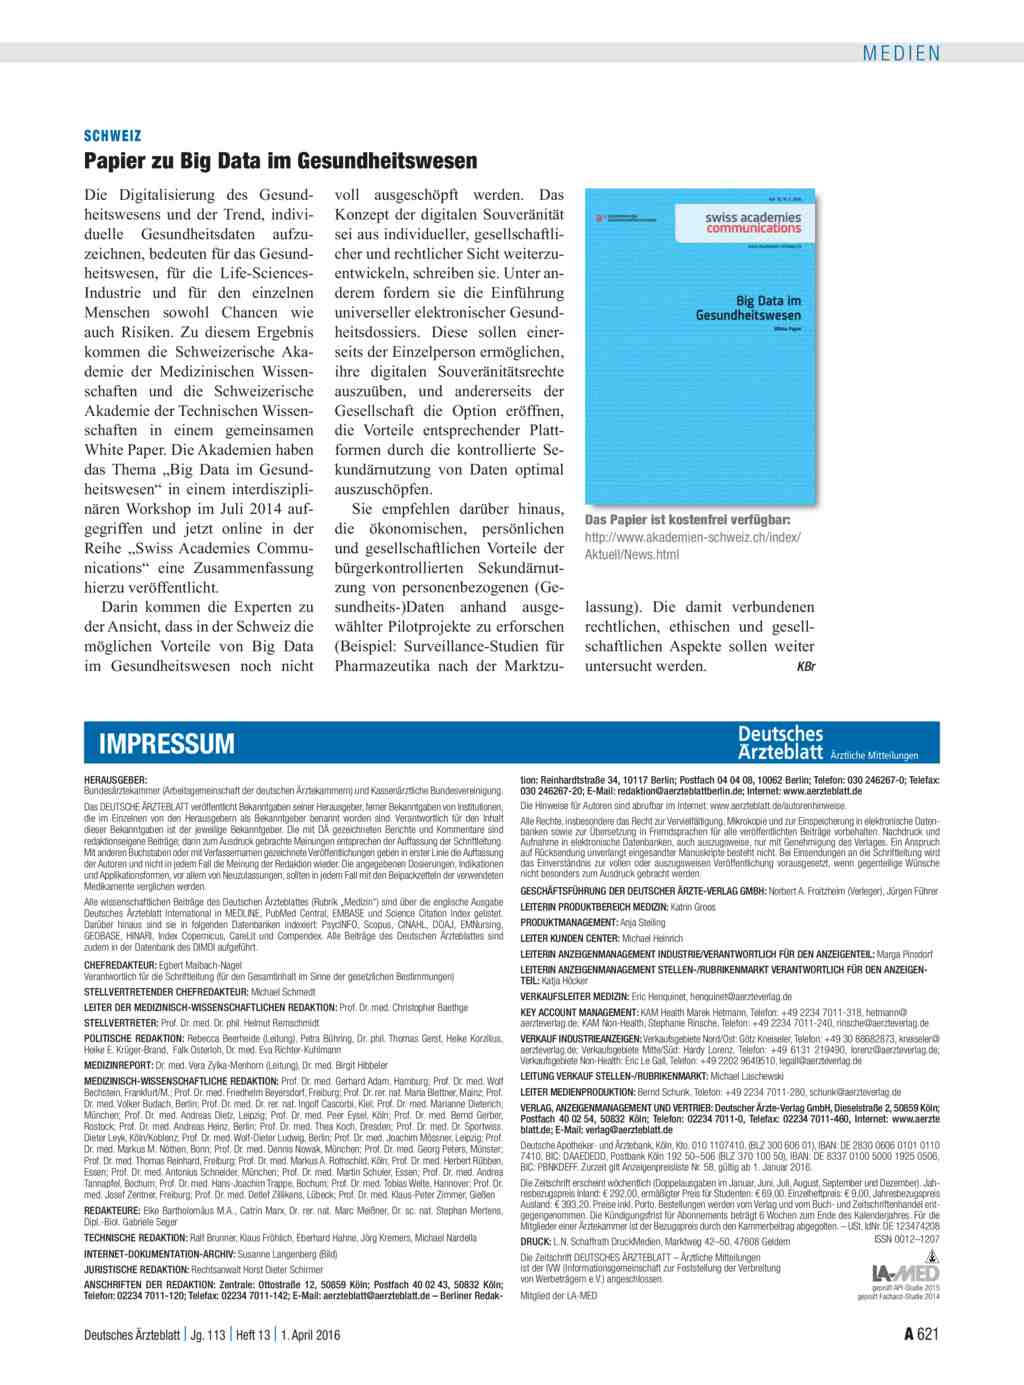 Schweiz papier zu big data im gesundheitswesen for Medizin studieren schweiz